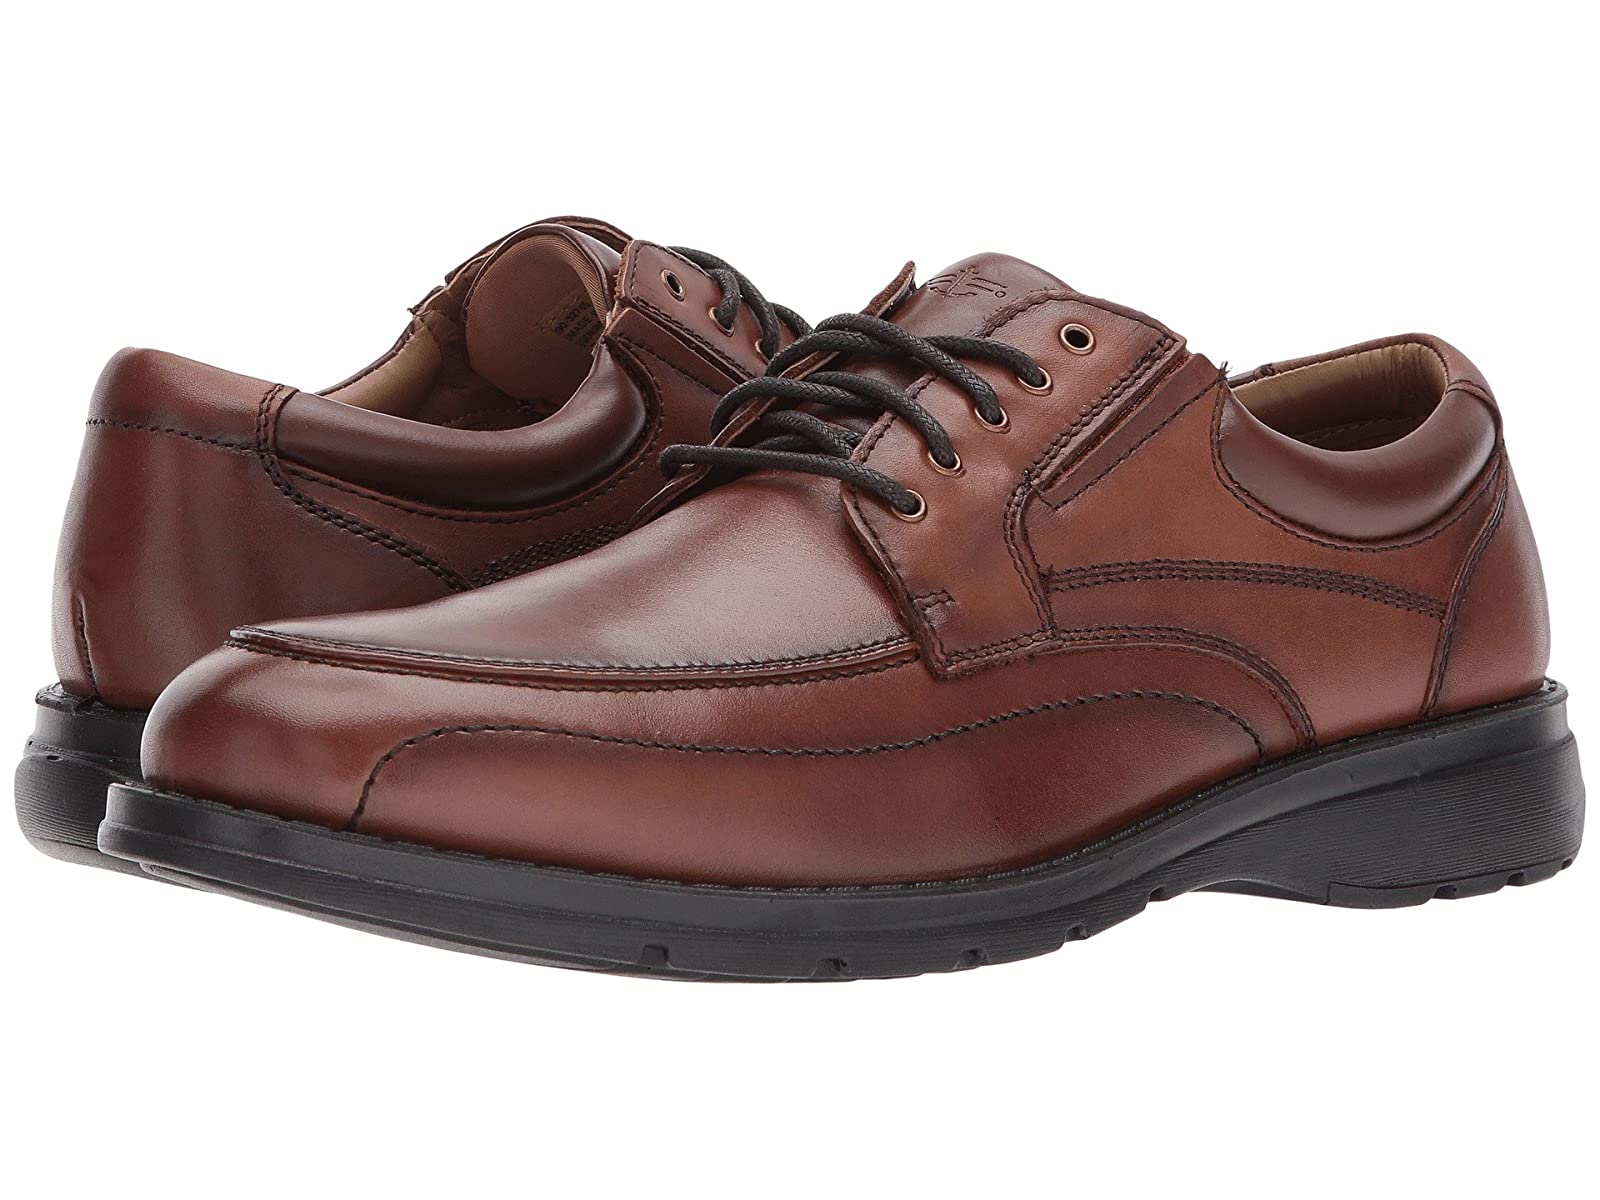 Dockers Barker Moc Toe OxfordAtmospheric grades have affordable shoes